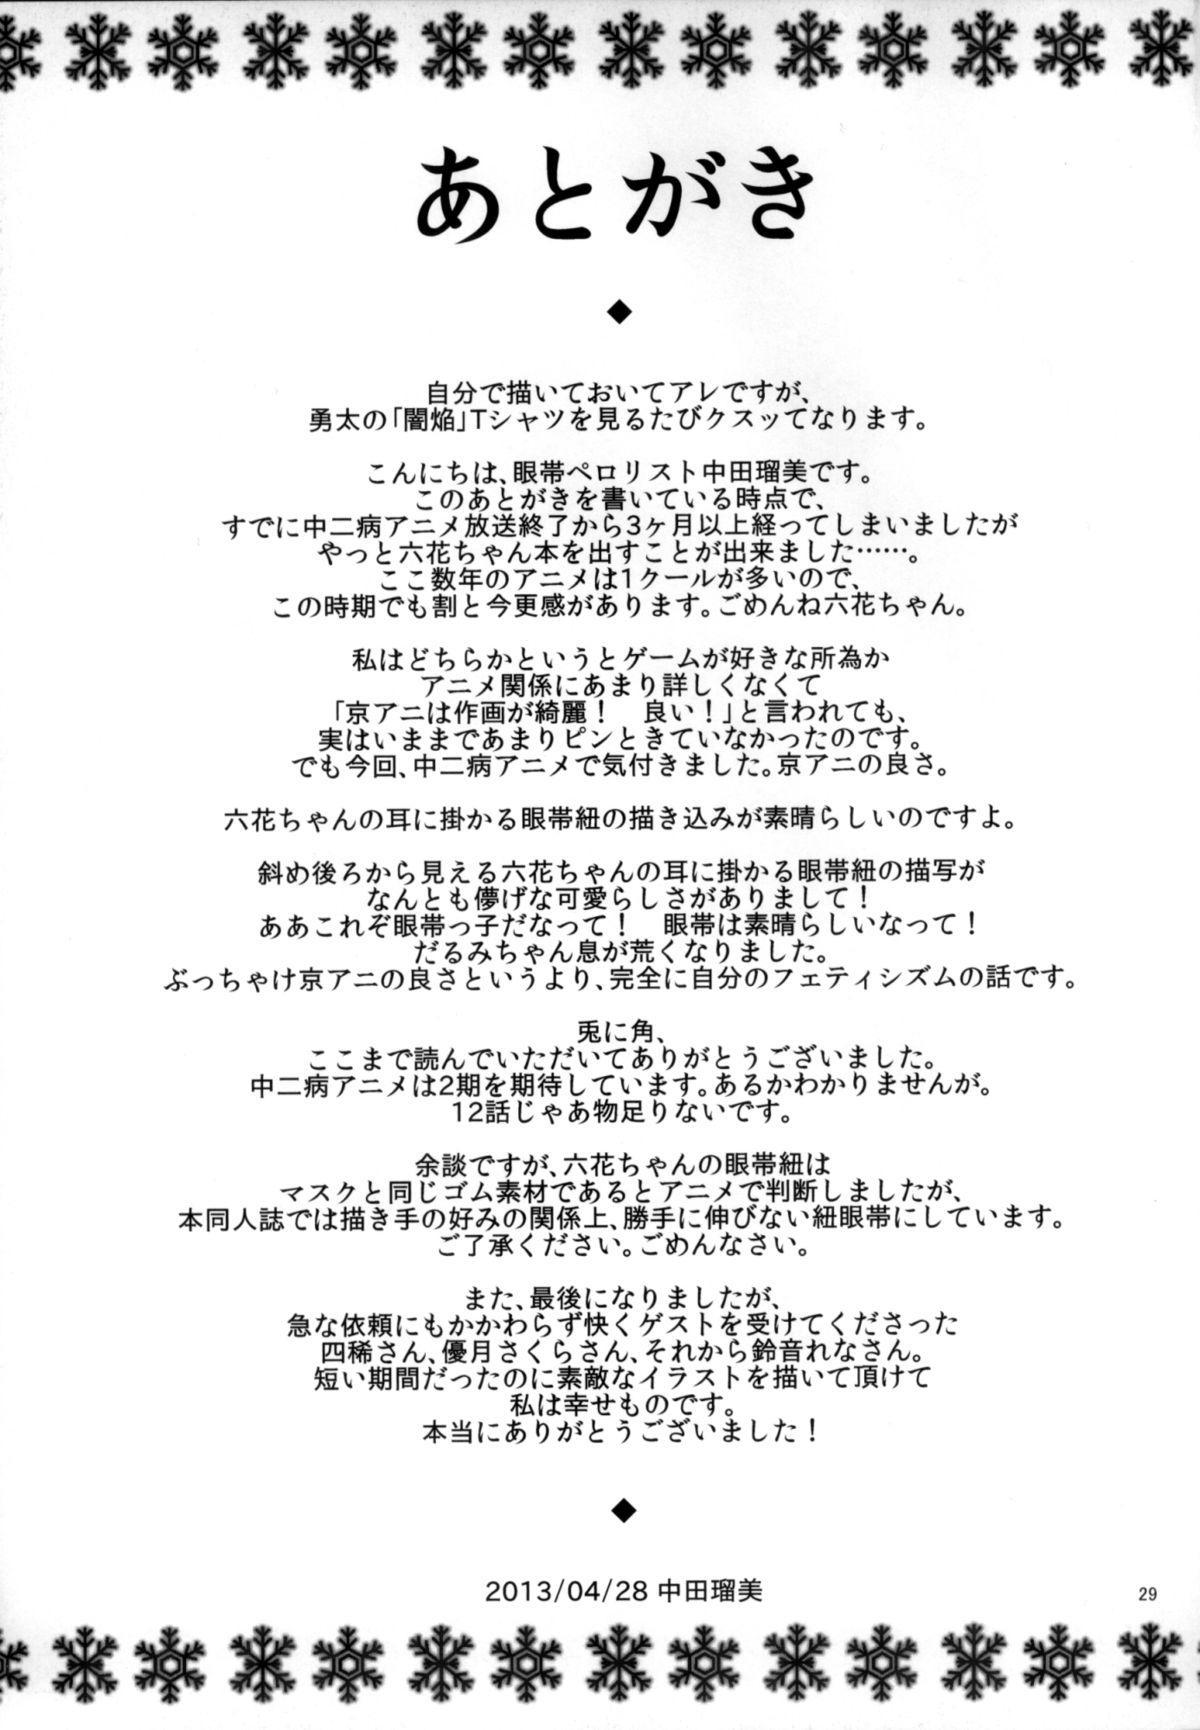 Yami no Shinen yori Ai o Komete 27